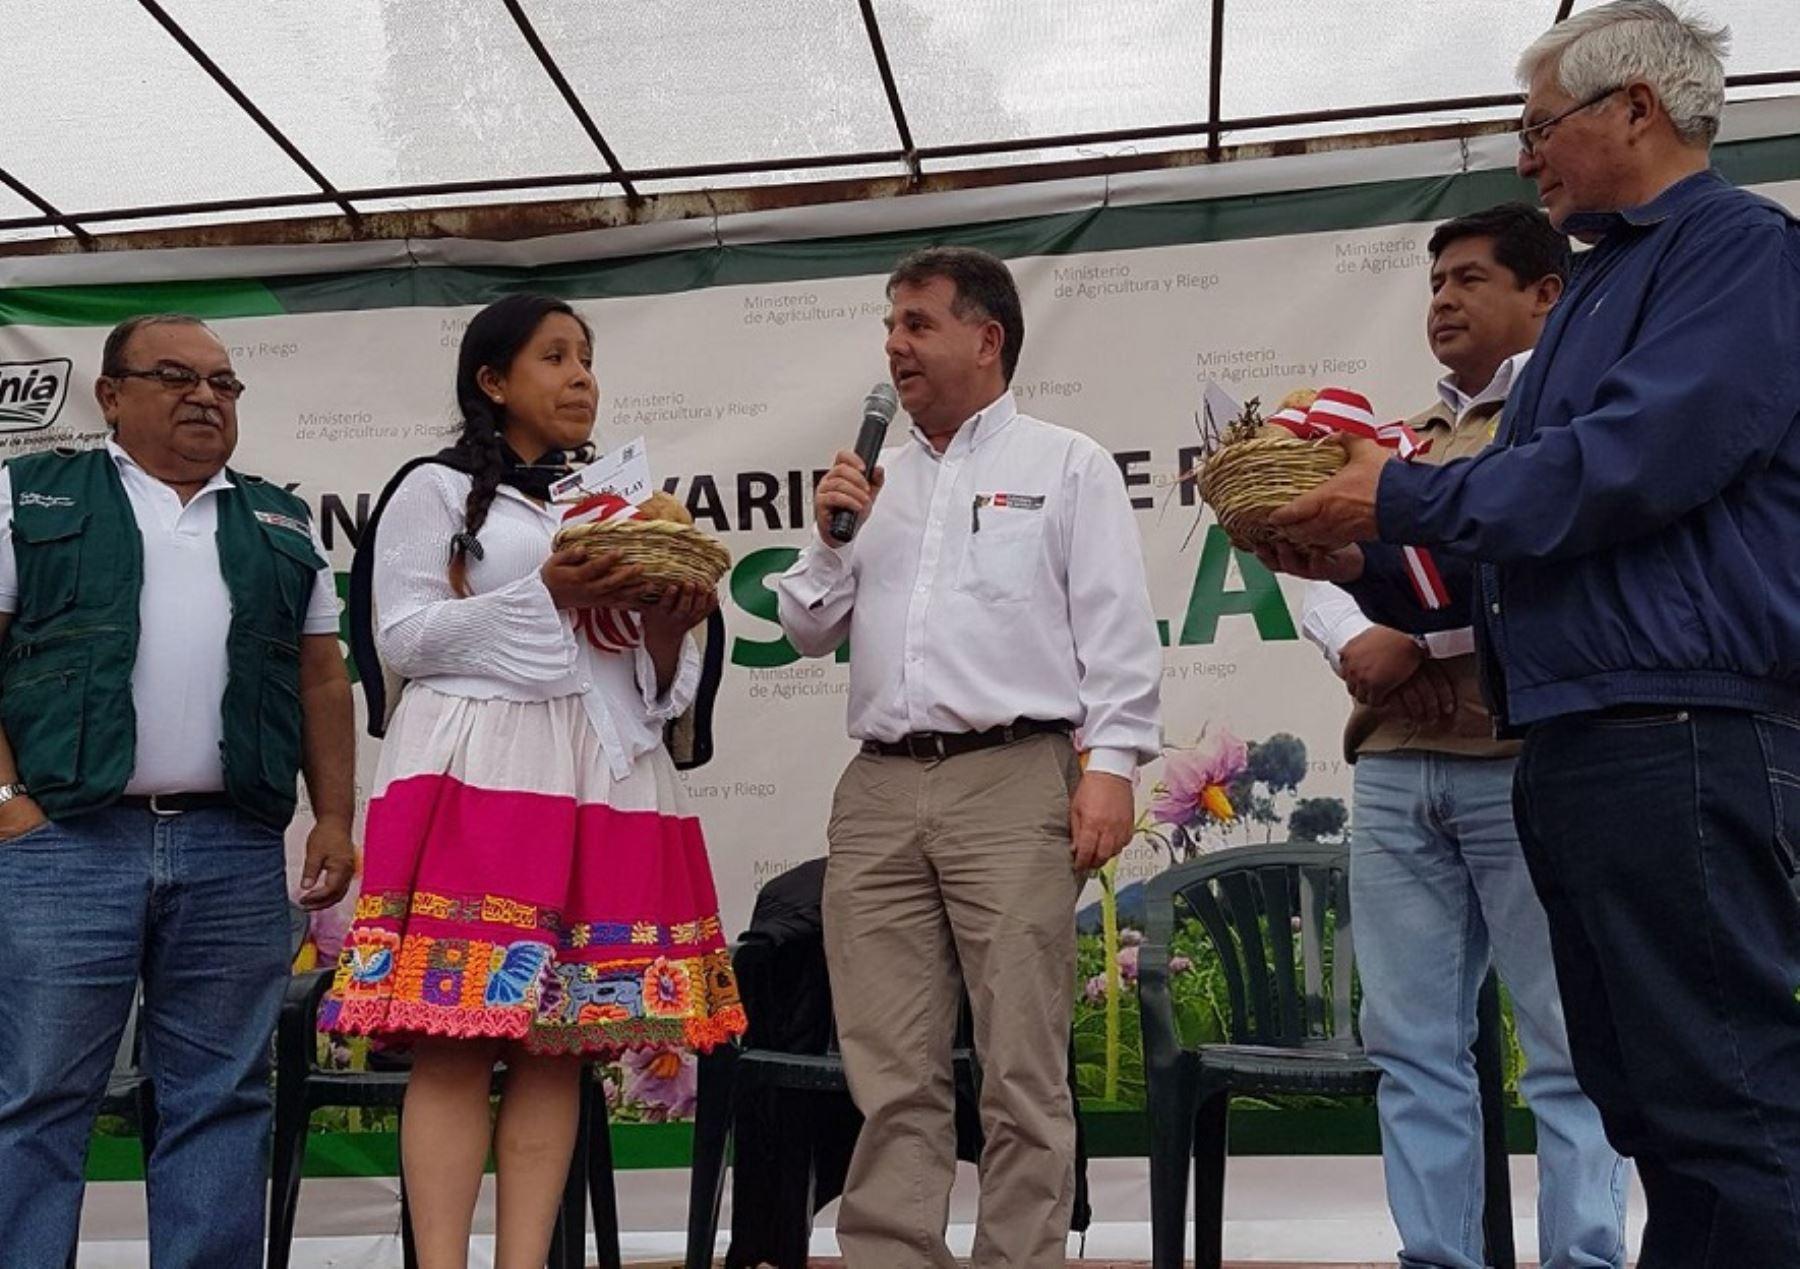 El viceministro de Desarrollo e Infraestructura Agraria y Riego, Jaime Salomón, destacó que además de su valor comercial, tiene un gran valor biológico, pues es resistente a bajas temperaturas de zonas alto andinas y agentes infecciosos.